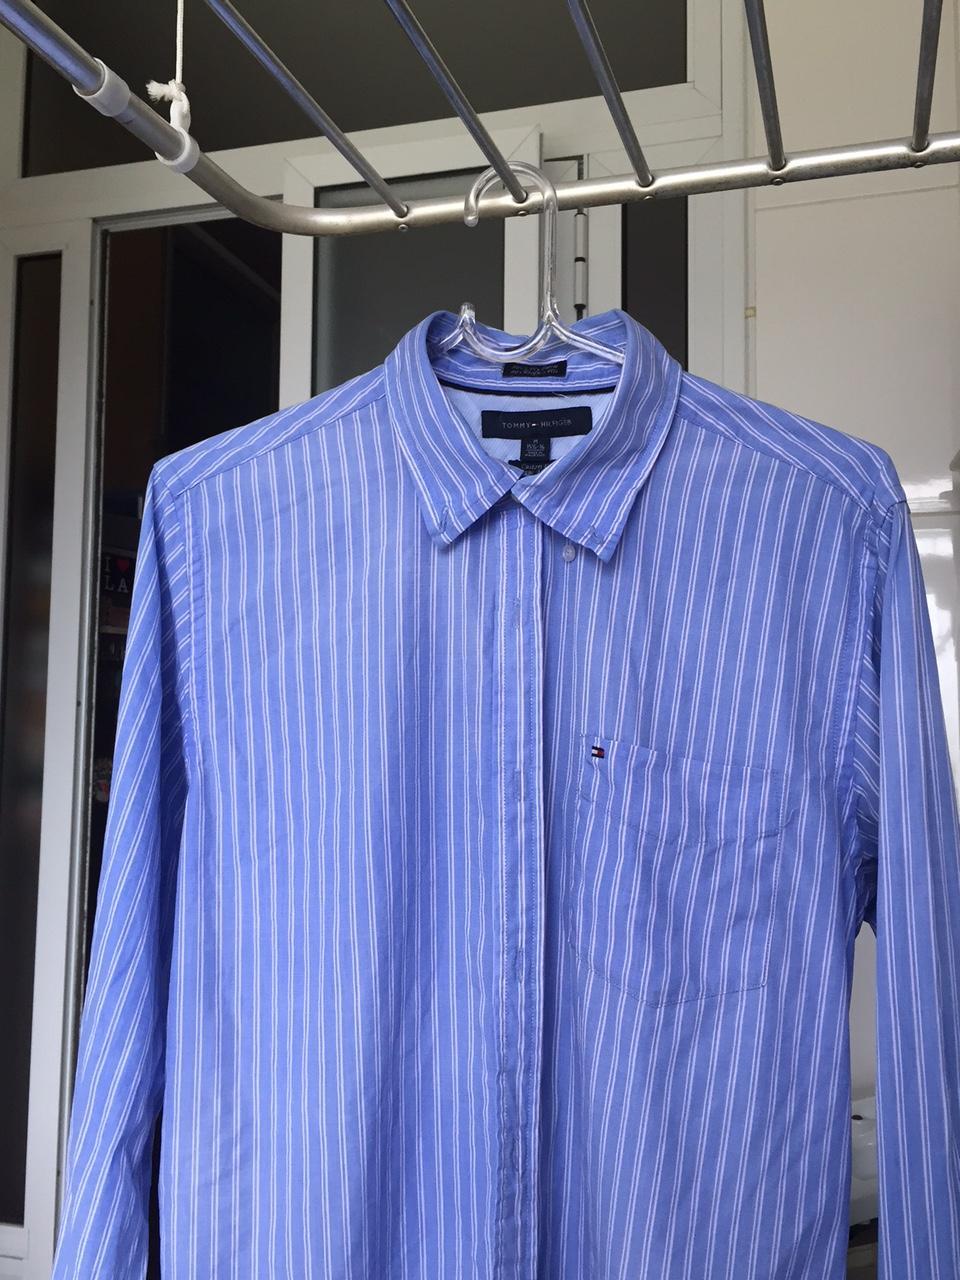 Camisa social secando no varal pendurada no cabide